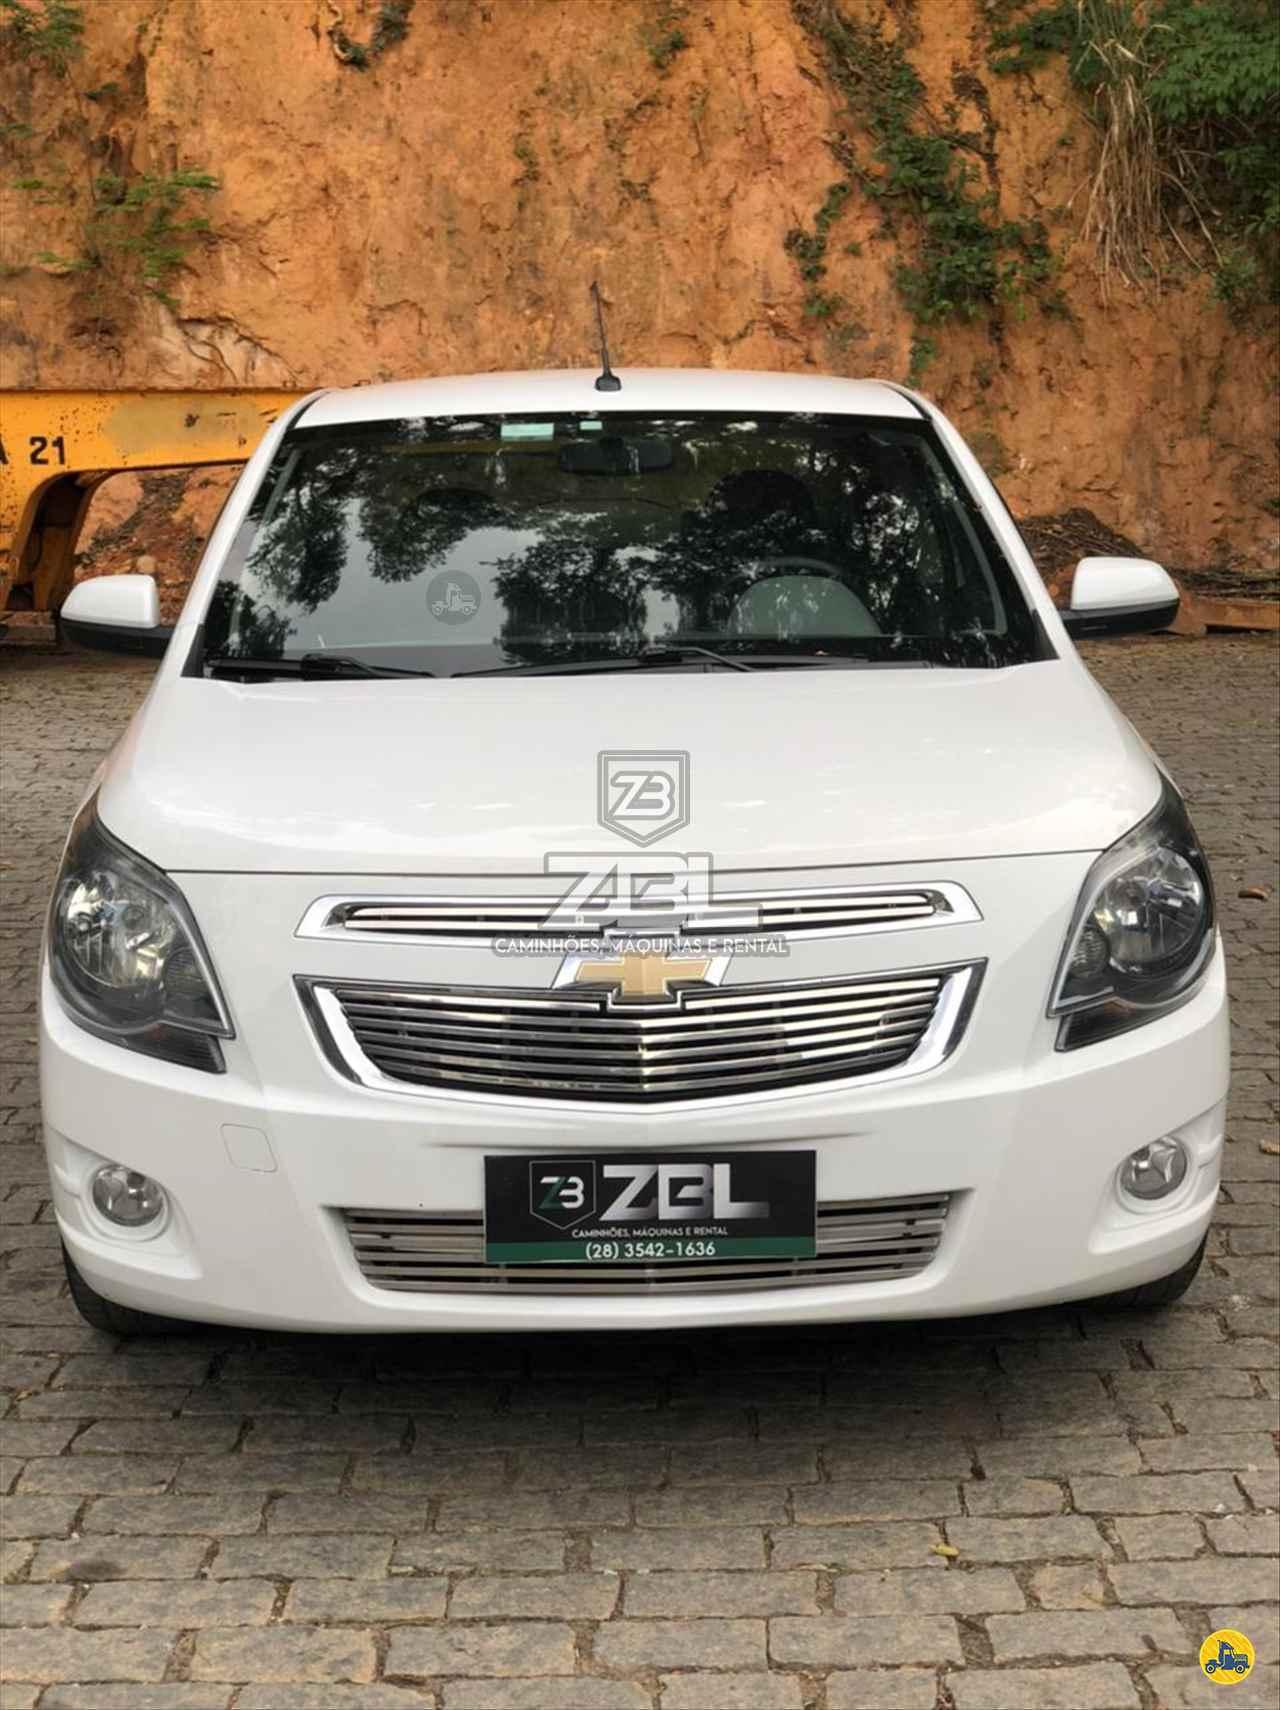 CARRO GM - Chevrolet Cobalt 1.8 LTZ ZBL Caminhões CASTELO ESPÍRITO SANTO ES